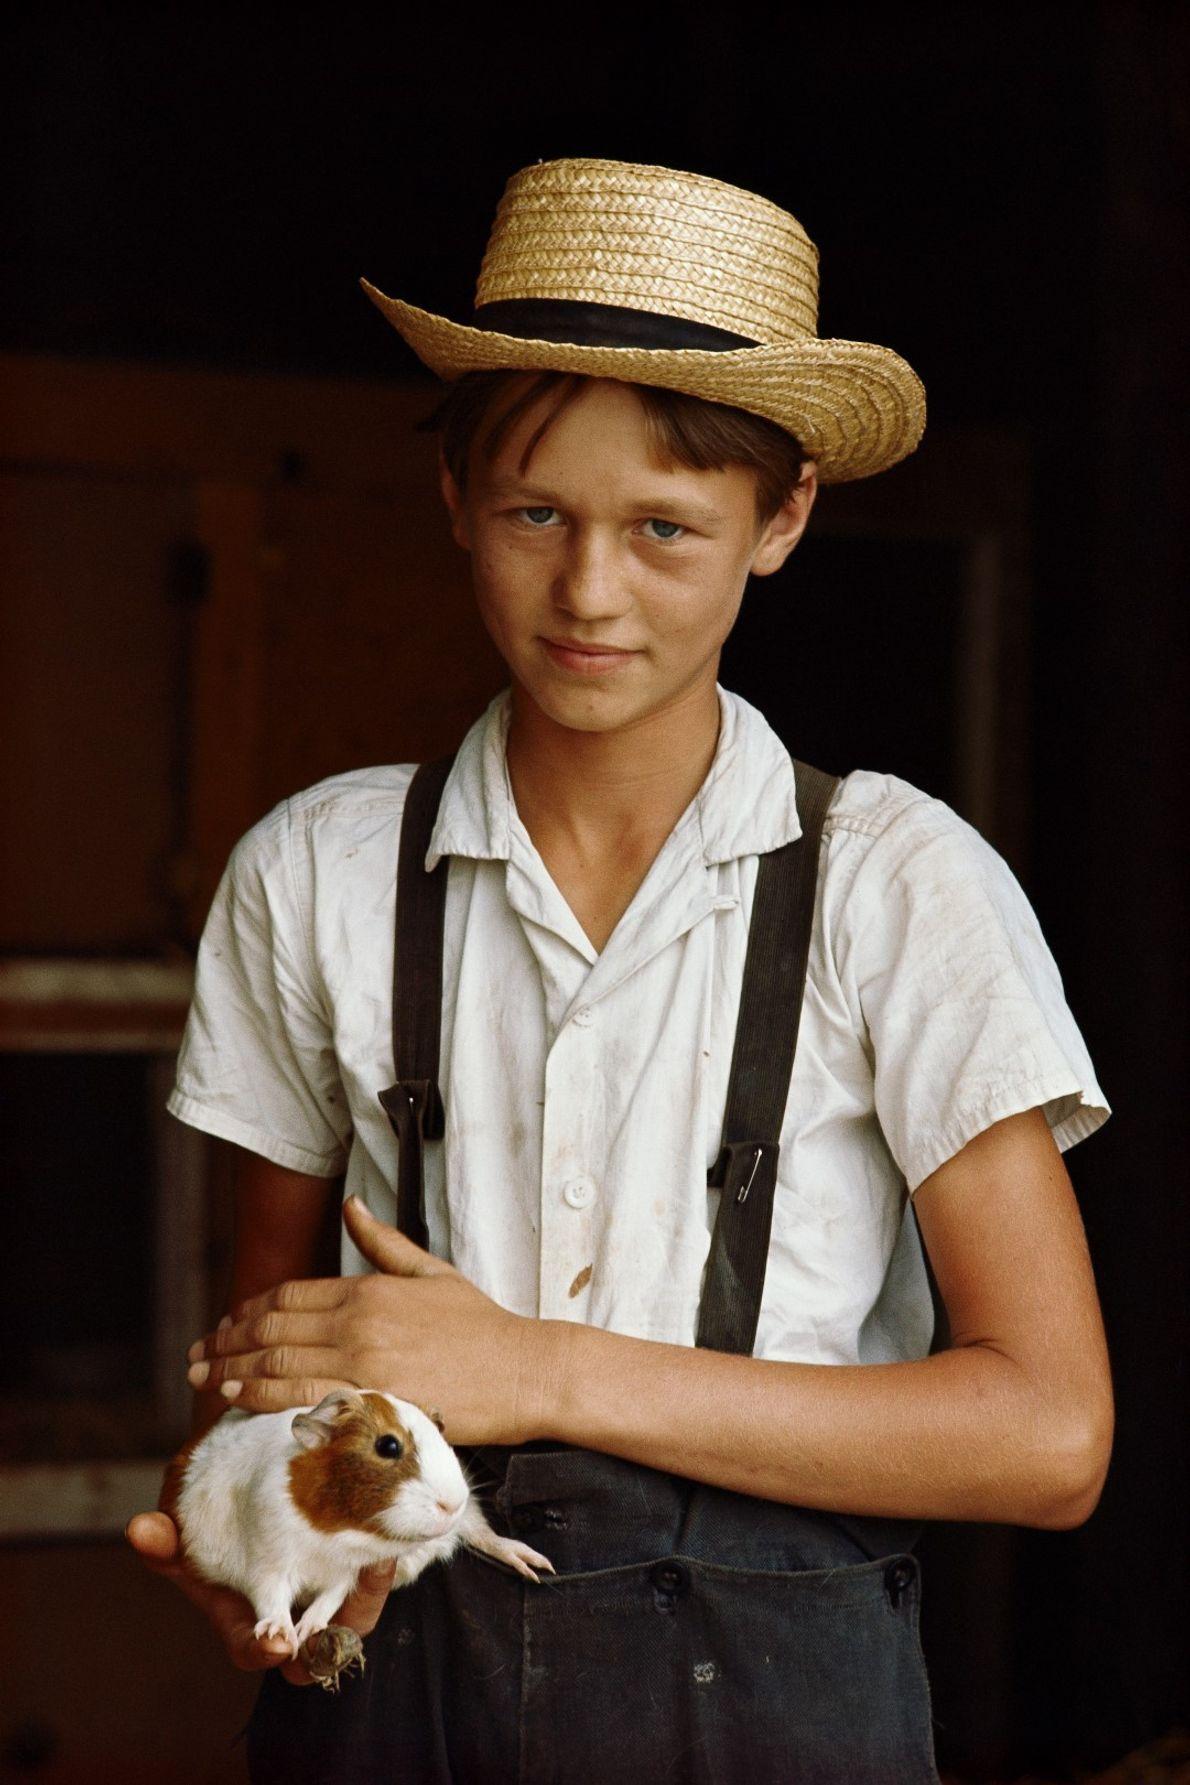 Um rapaz de uma comunidade Amish, com um chapéu de palha e suspensórios, com um ...